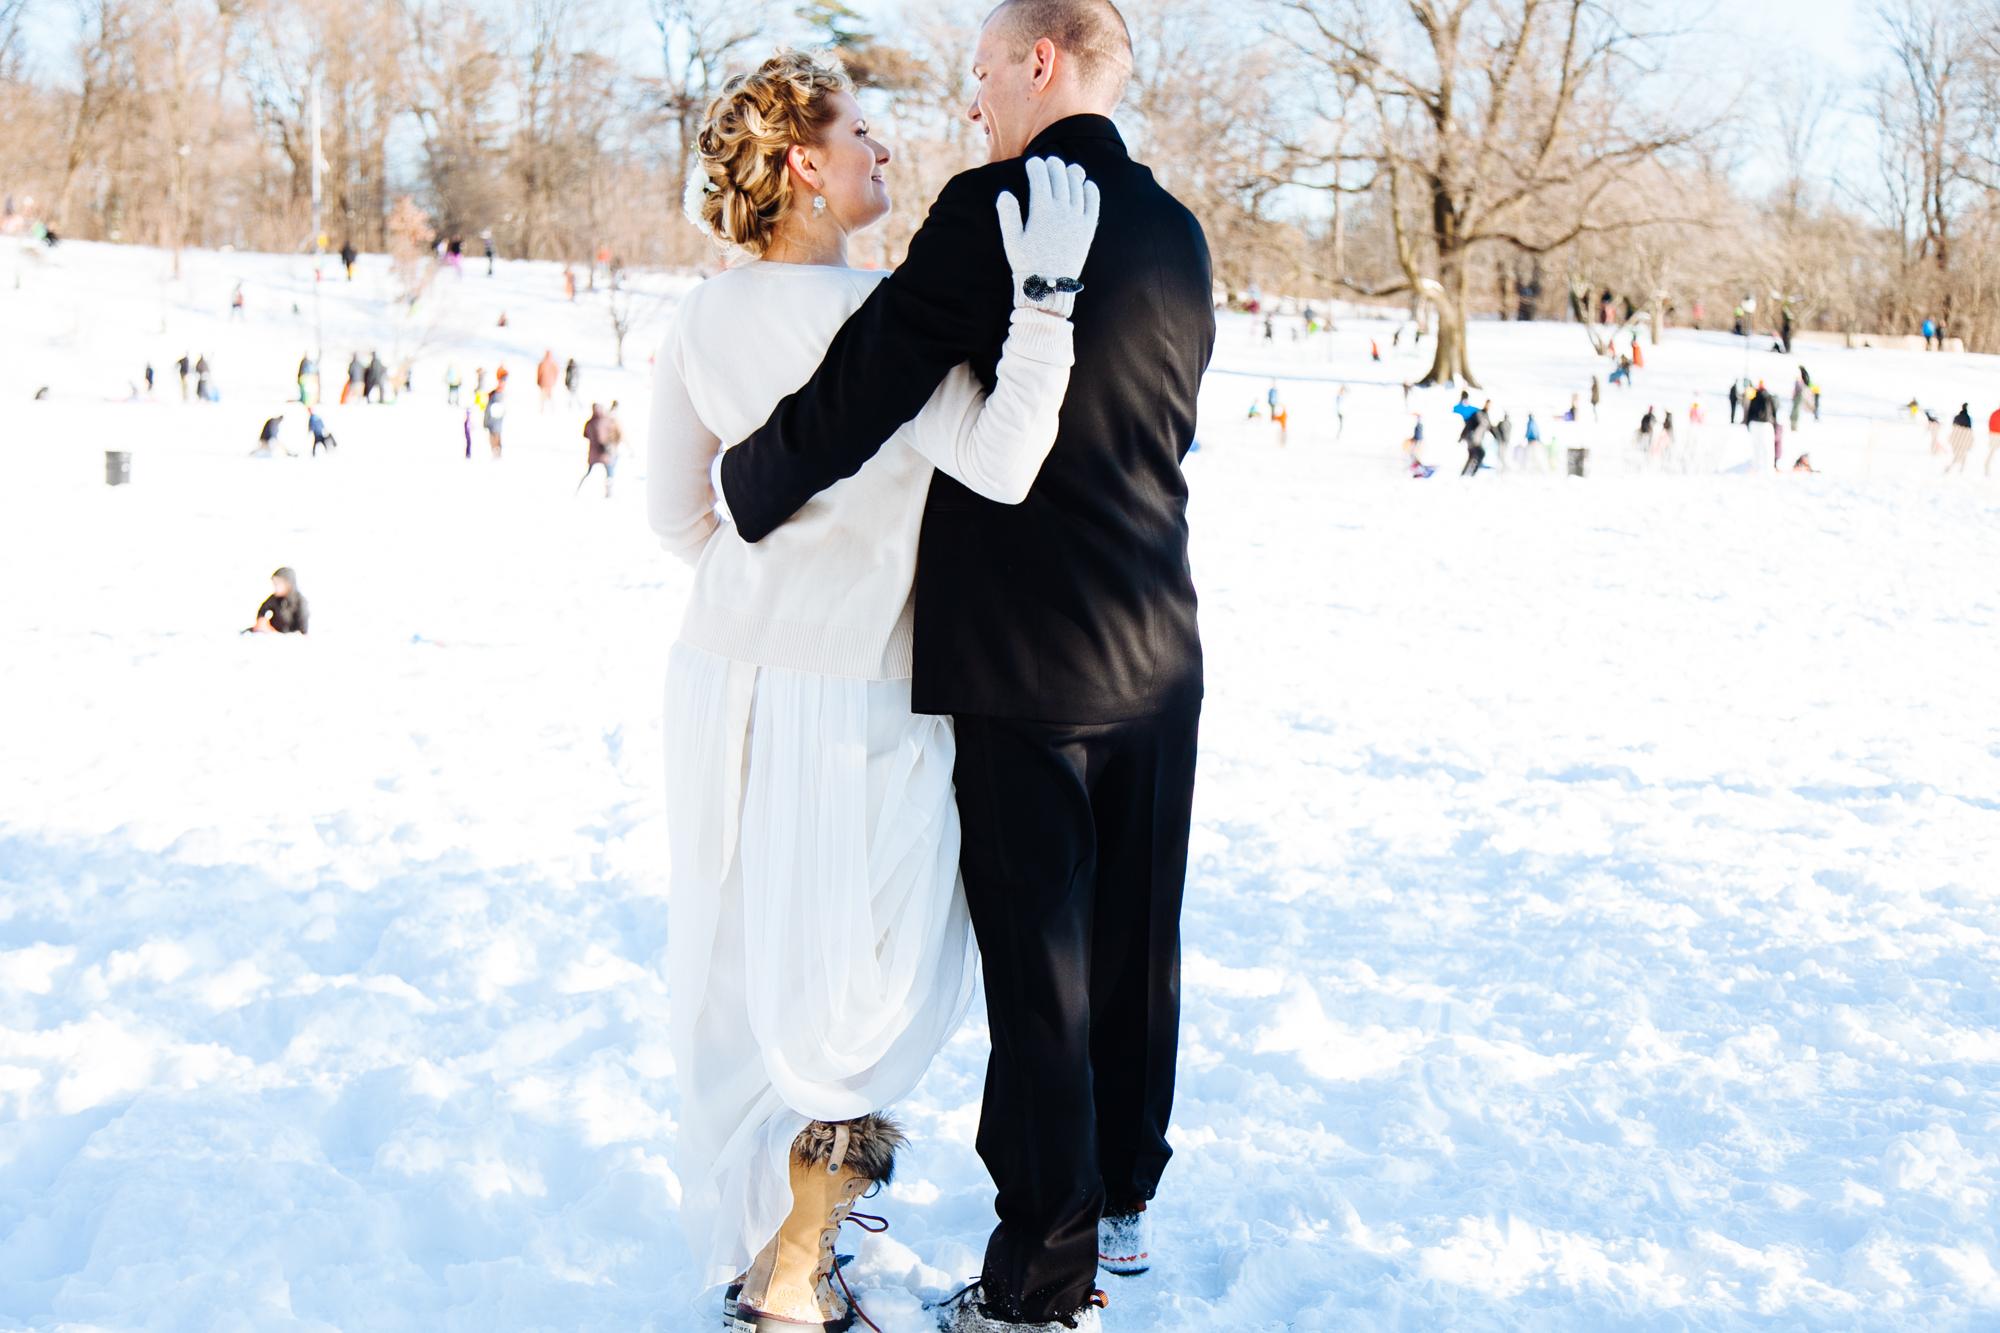 HeatherPhelpsLipton-Modern-WeddingPhotography-GreenBuilding-winter-prospectpark-13.jpg